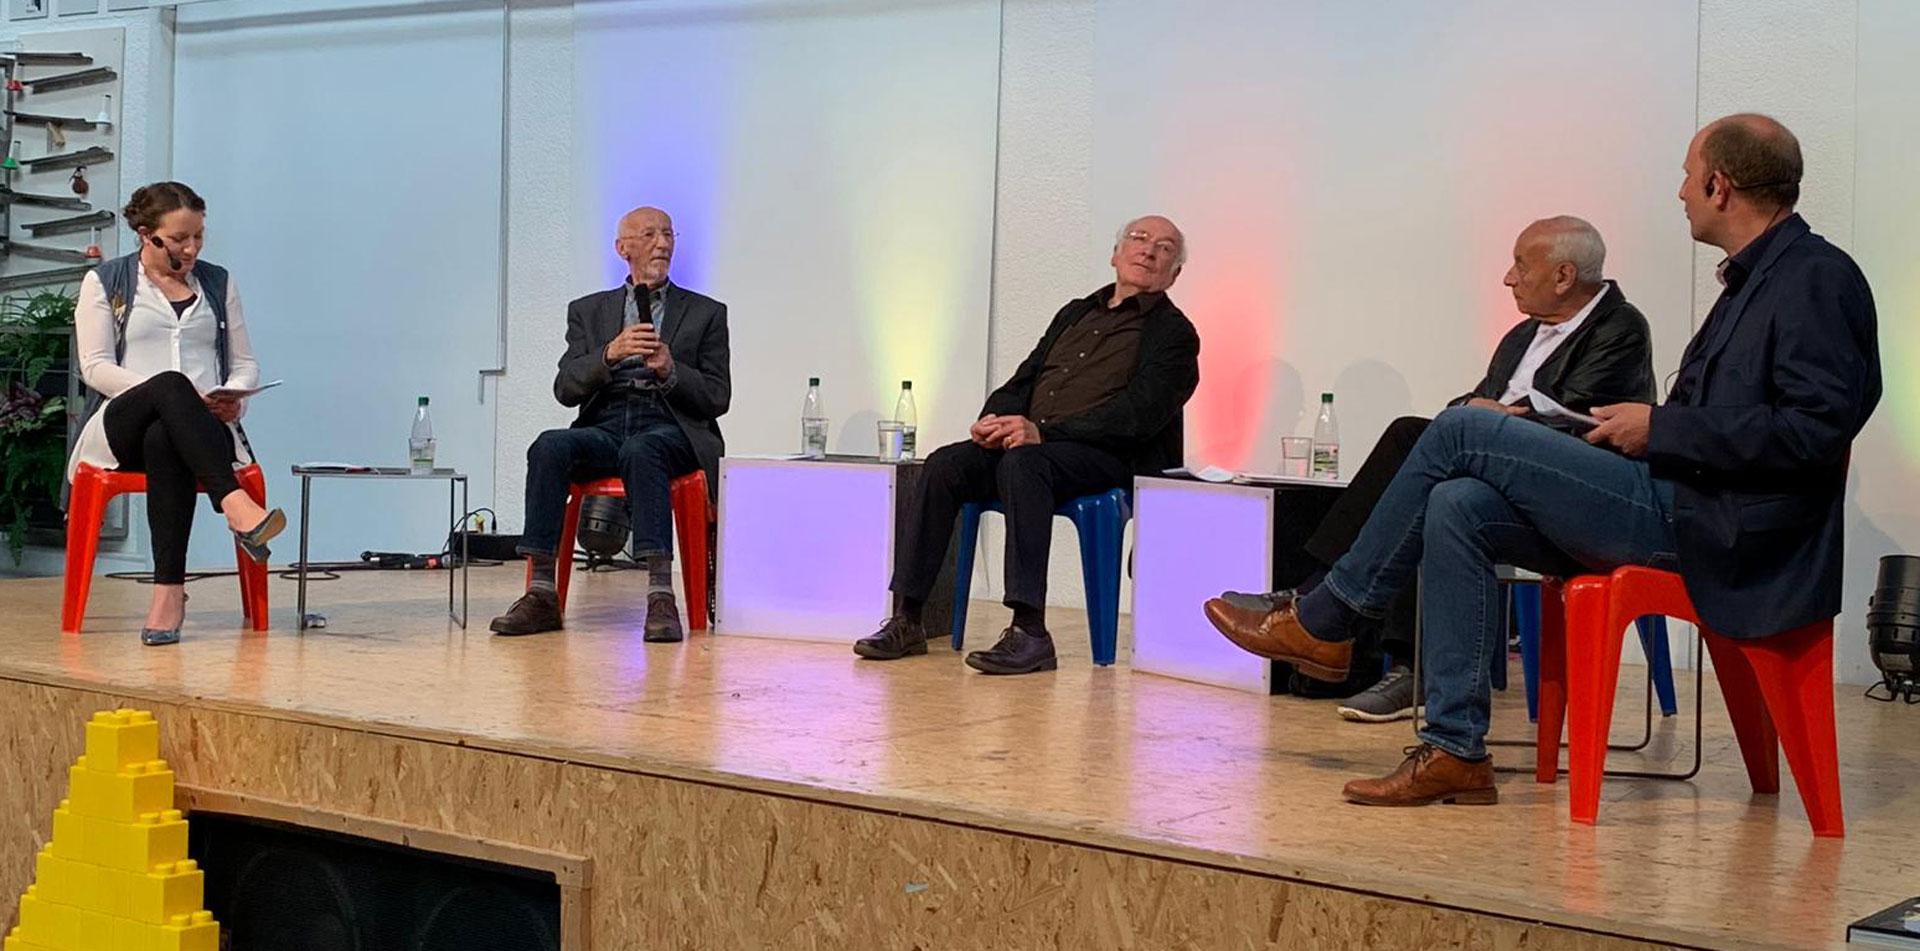 Podium Zeitzeugen-Gespräch im Walter-Gropius-Gymnasium, Selb